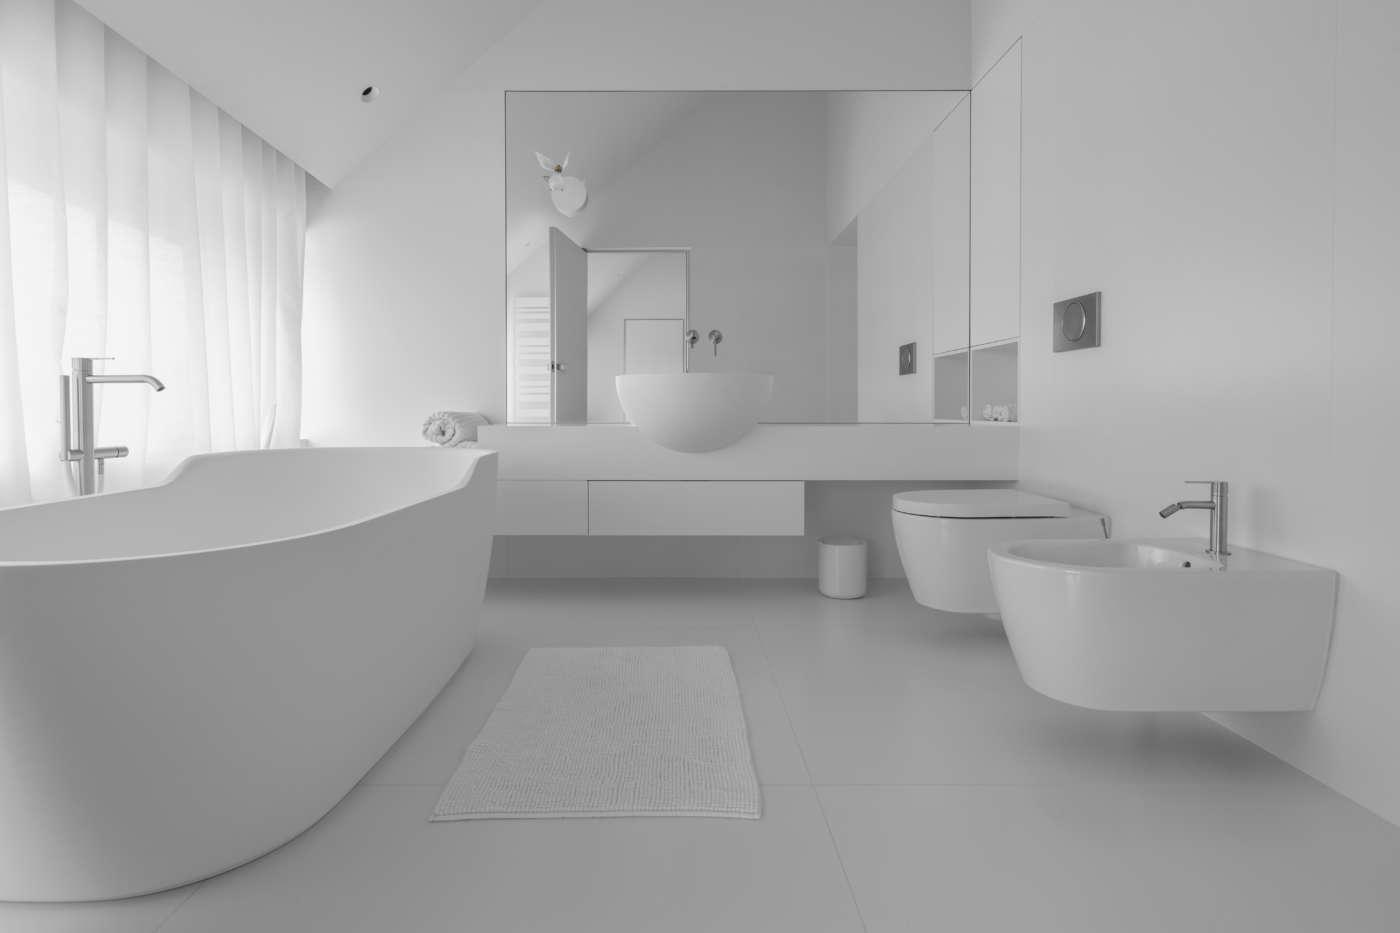 quadrant house ceadesign